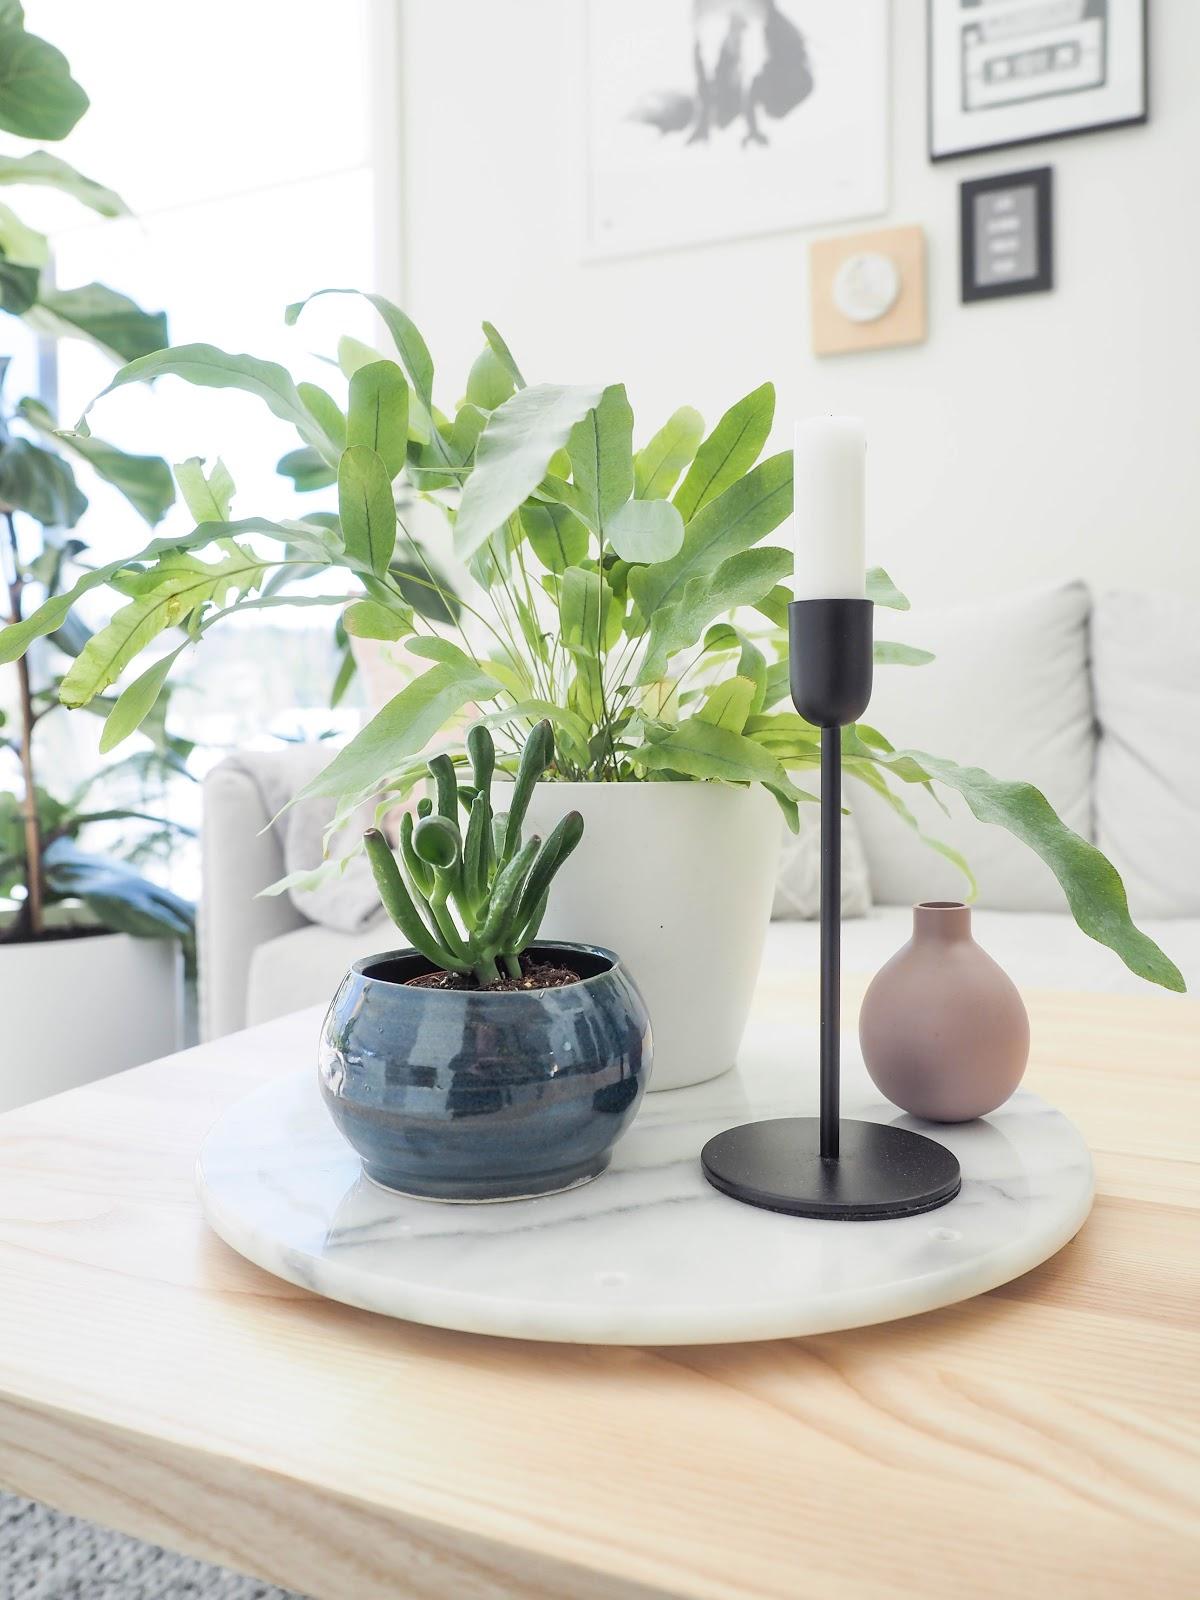 viherkasvi, sisustus, olohuone, sohvapöytä, asetelma